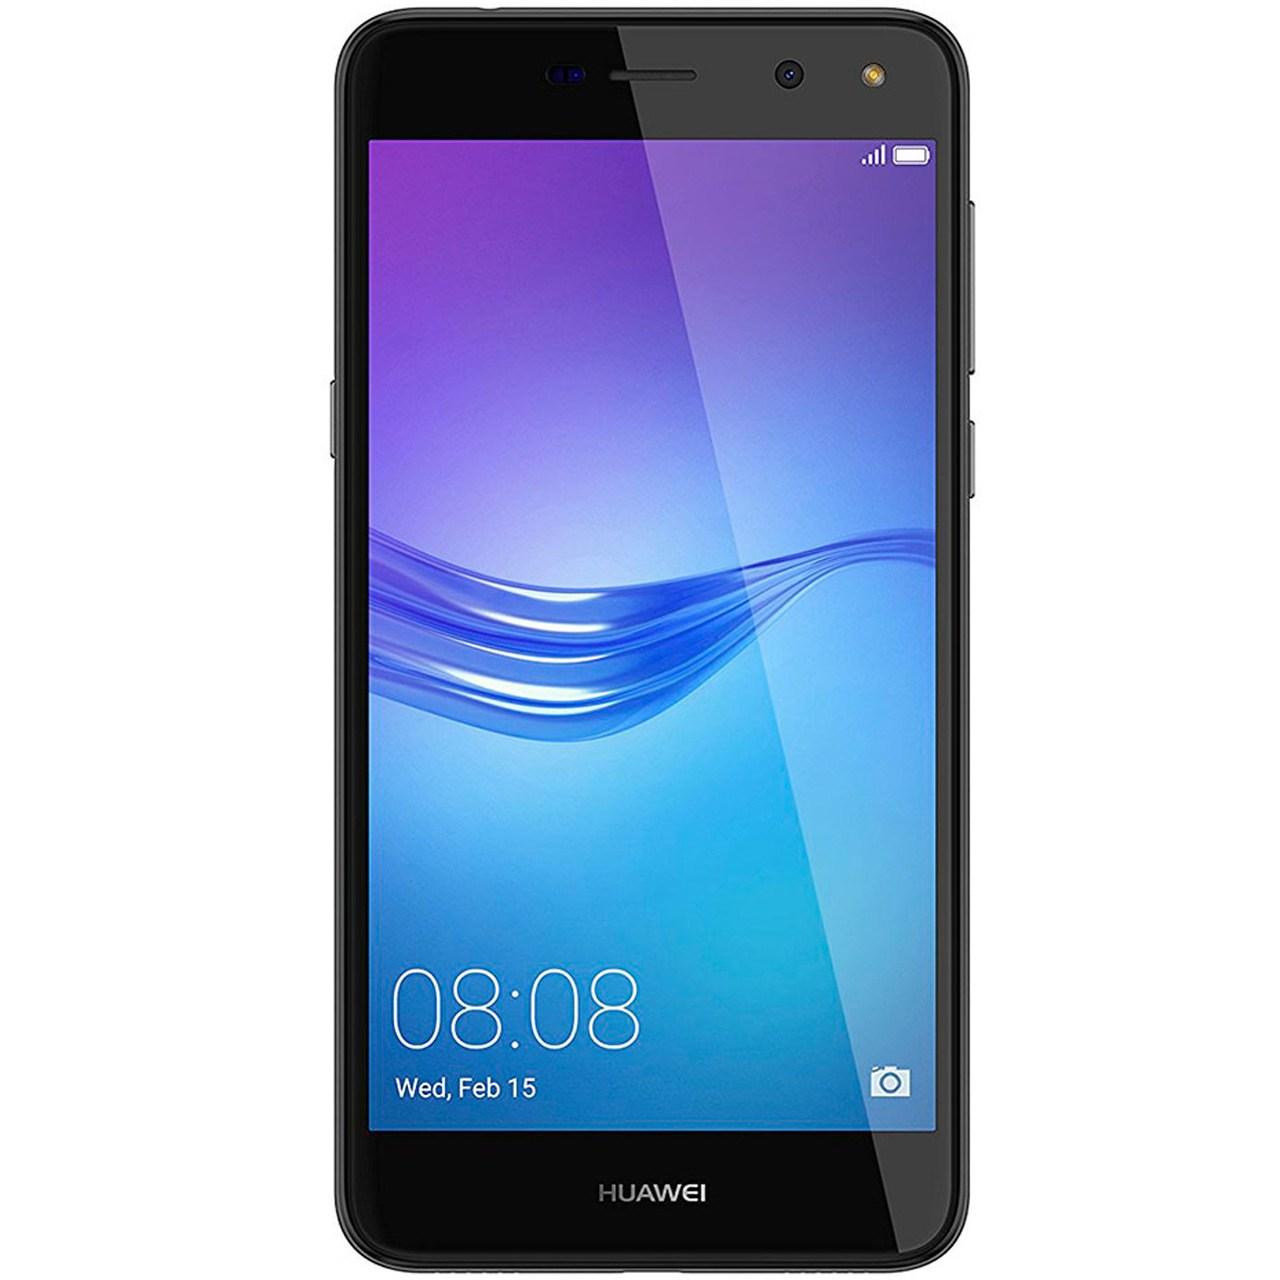 گوشی موبایل هوآوی مدل Y5 2017 4G دو سیم کارت - با برچسب قیمت مصرفکننده